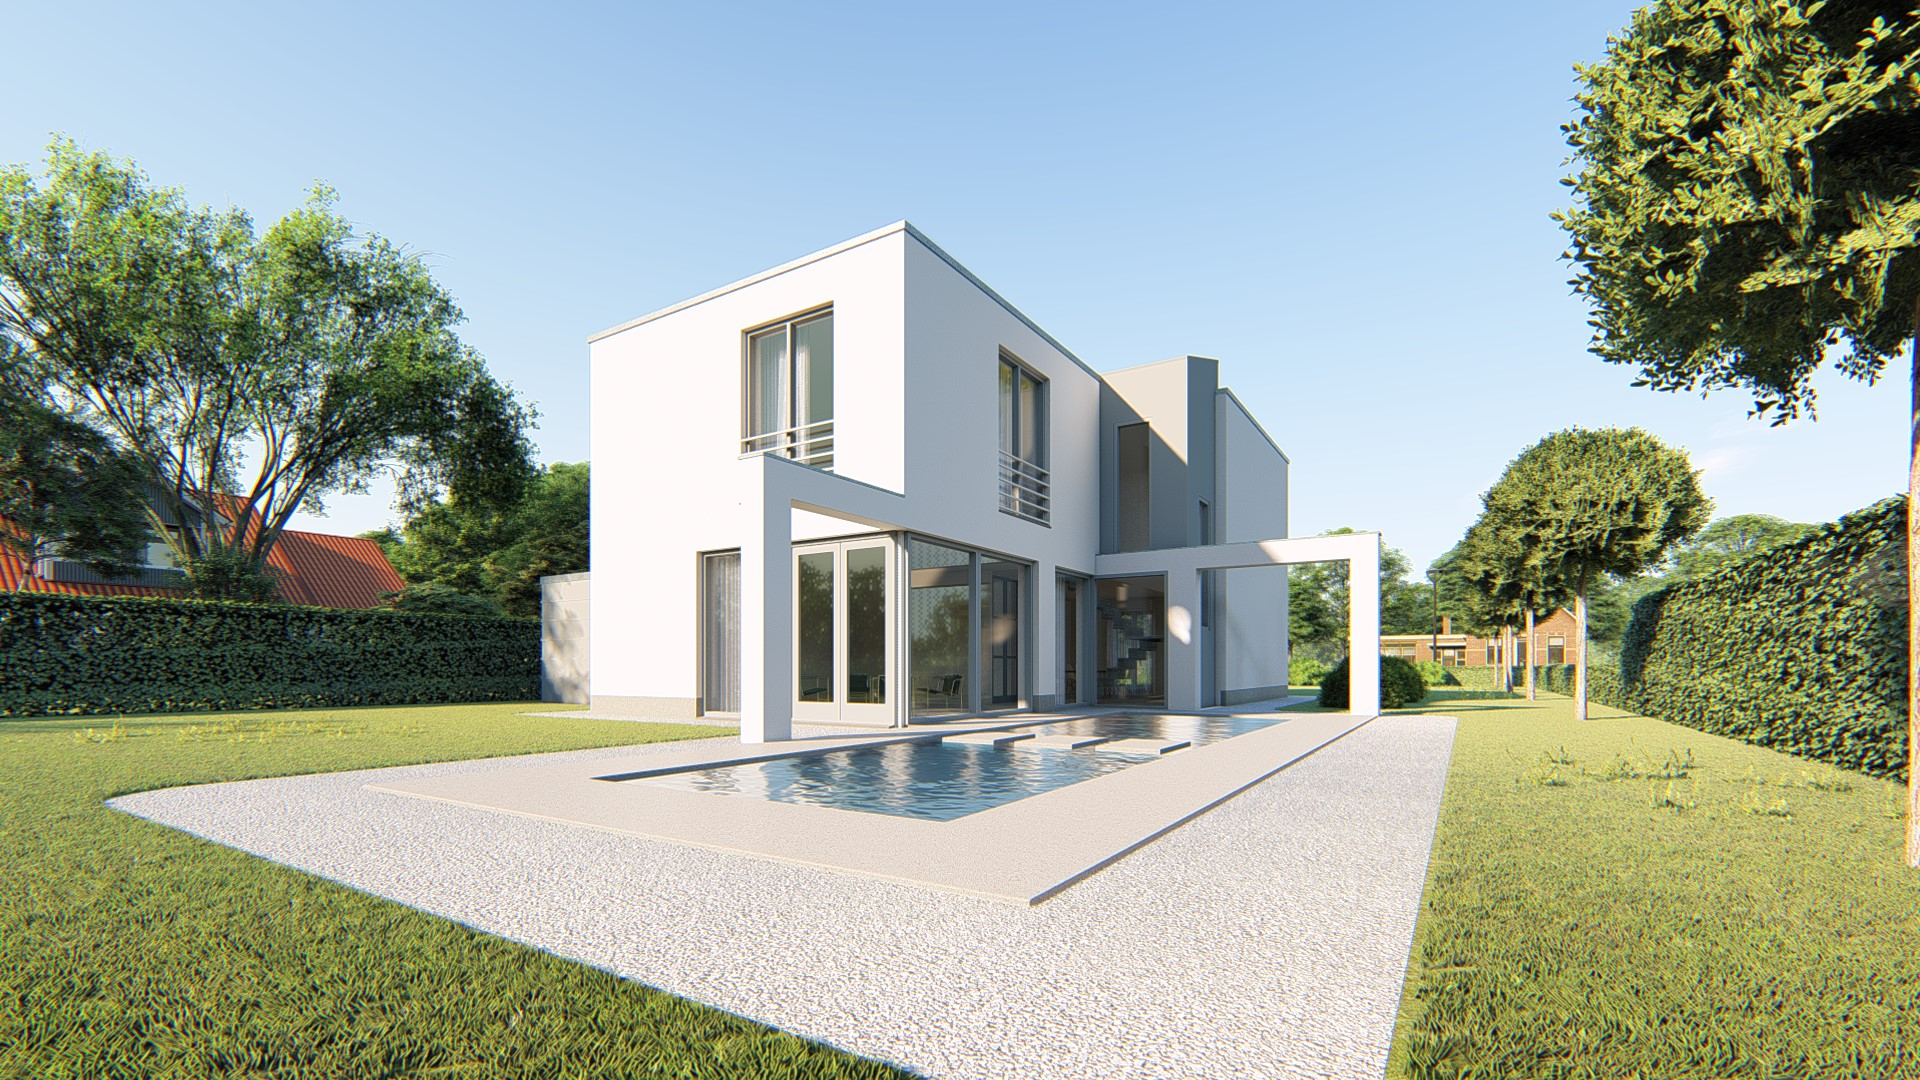 Free ontdek onze huizen en verras jezelf with vrijstaande for Prijzen nieuwbouw vrijstaande woning